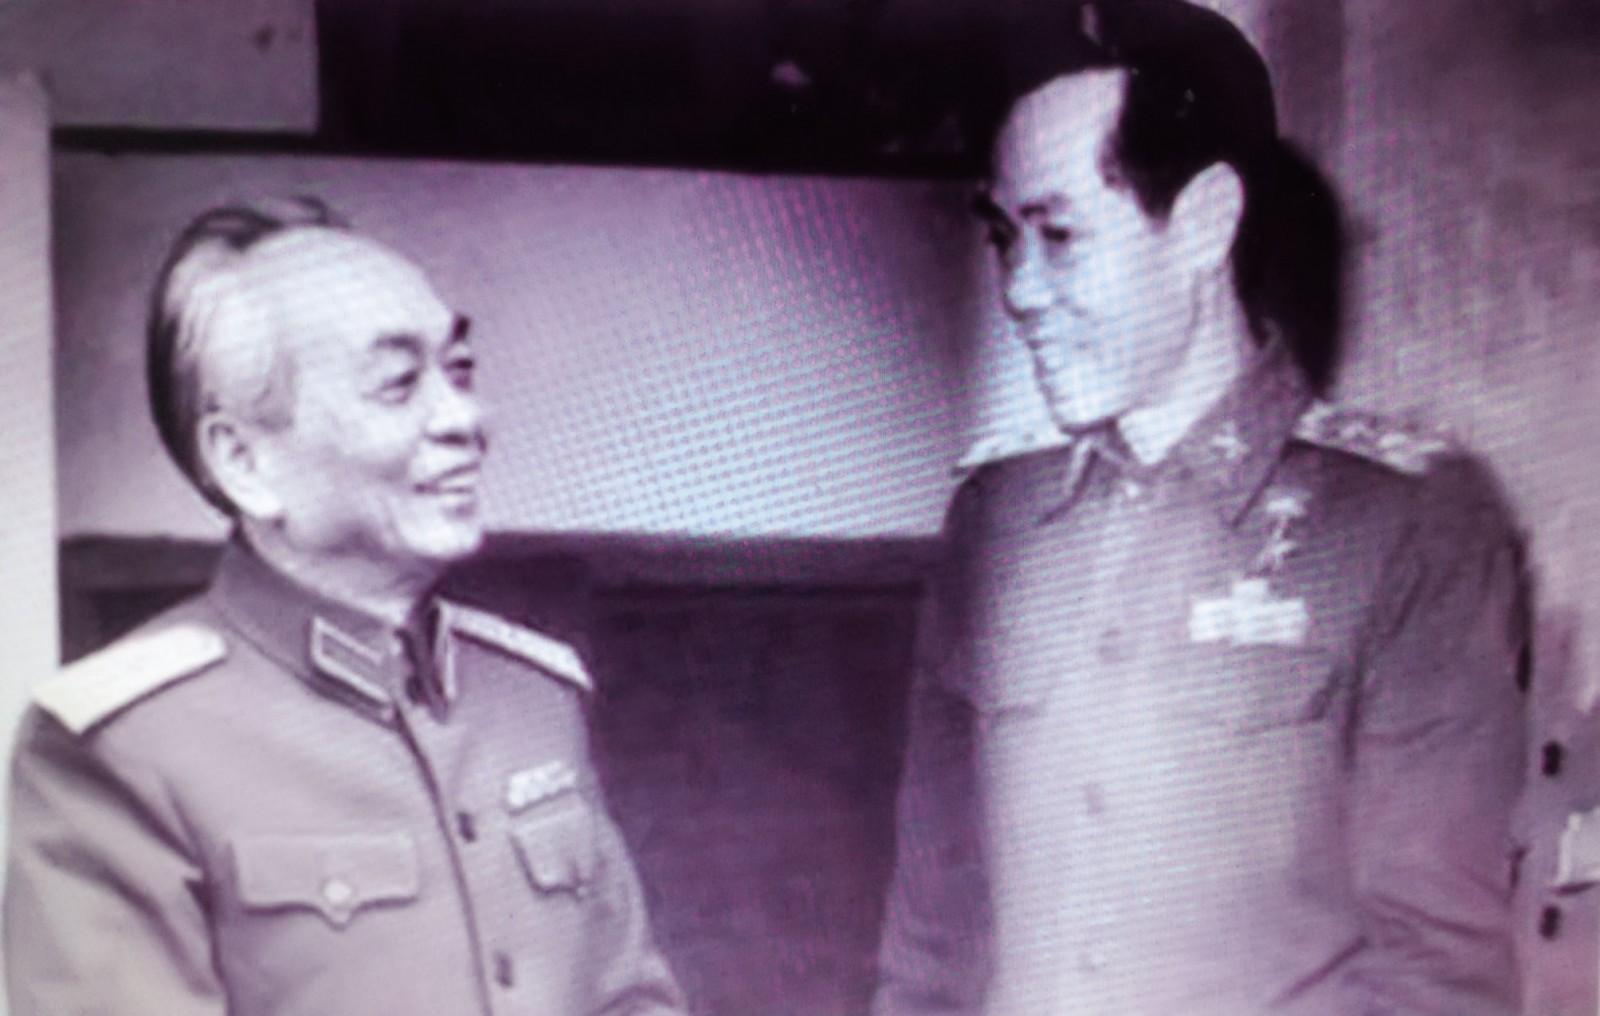 Đại tướng Võ Nguyên Giáp và Thiếu tướng Phạm Xuân Ẩn. Ảnh chụp lại từ ảnh tư liệu